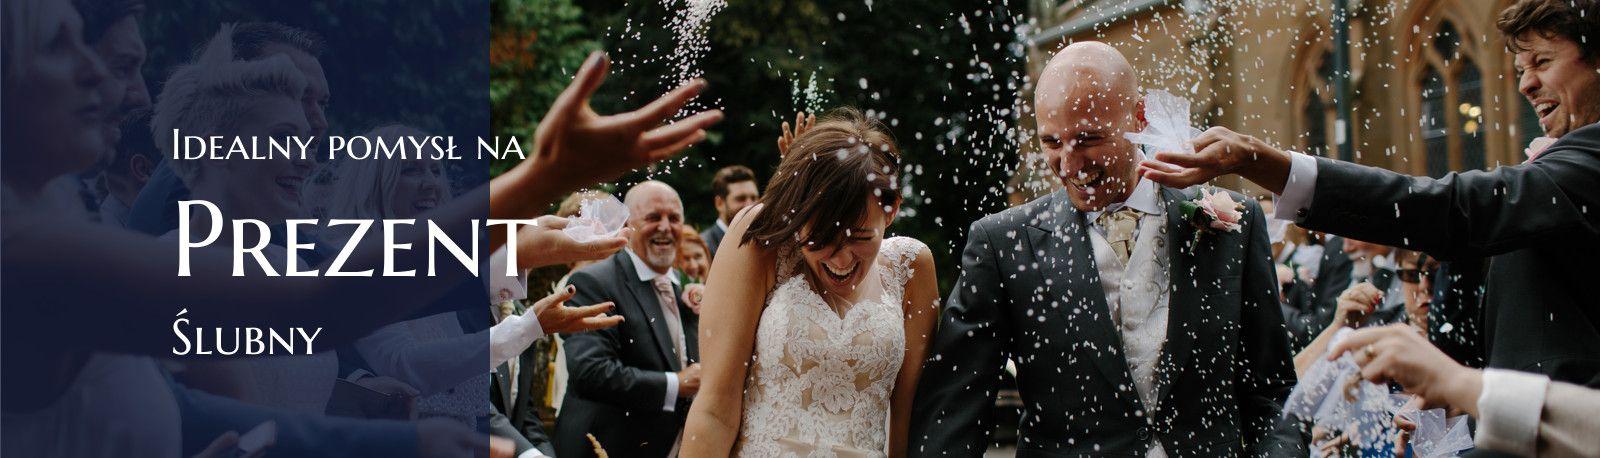 Biżuteria ślubna jako pomysł na prezent ślubny